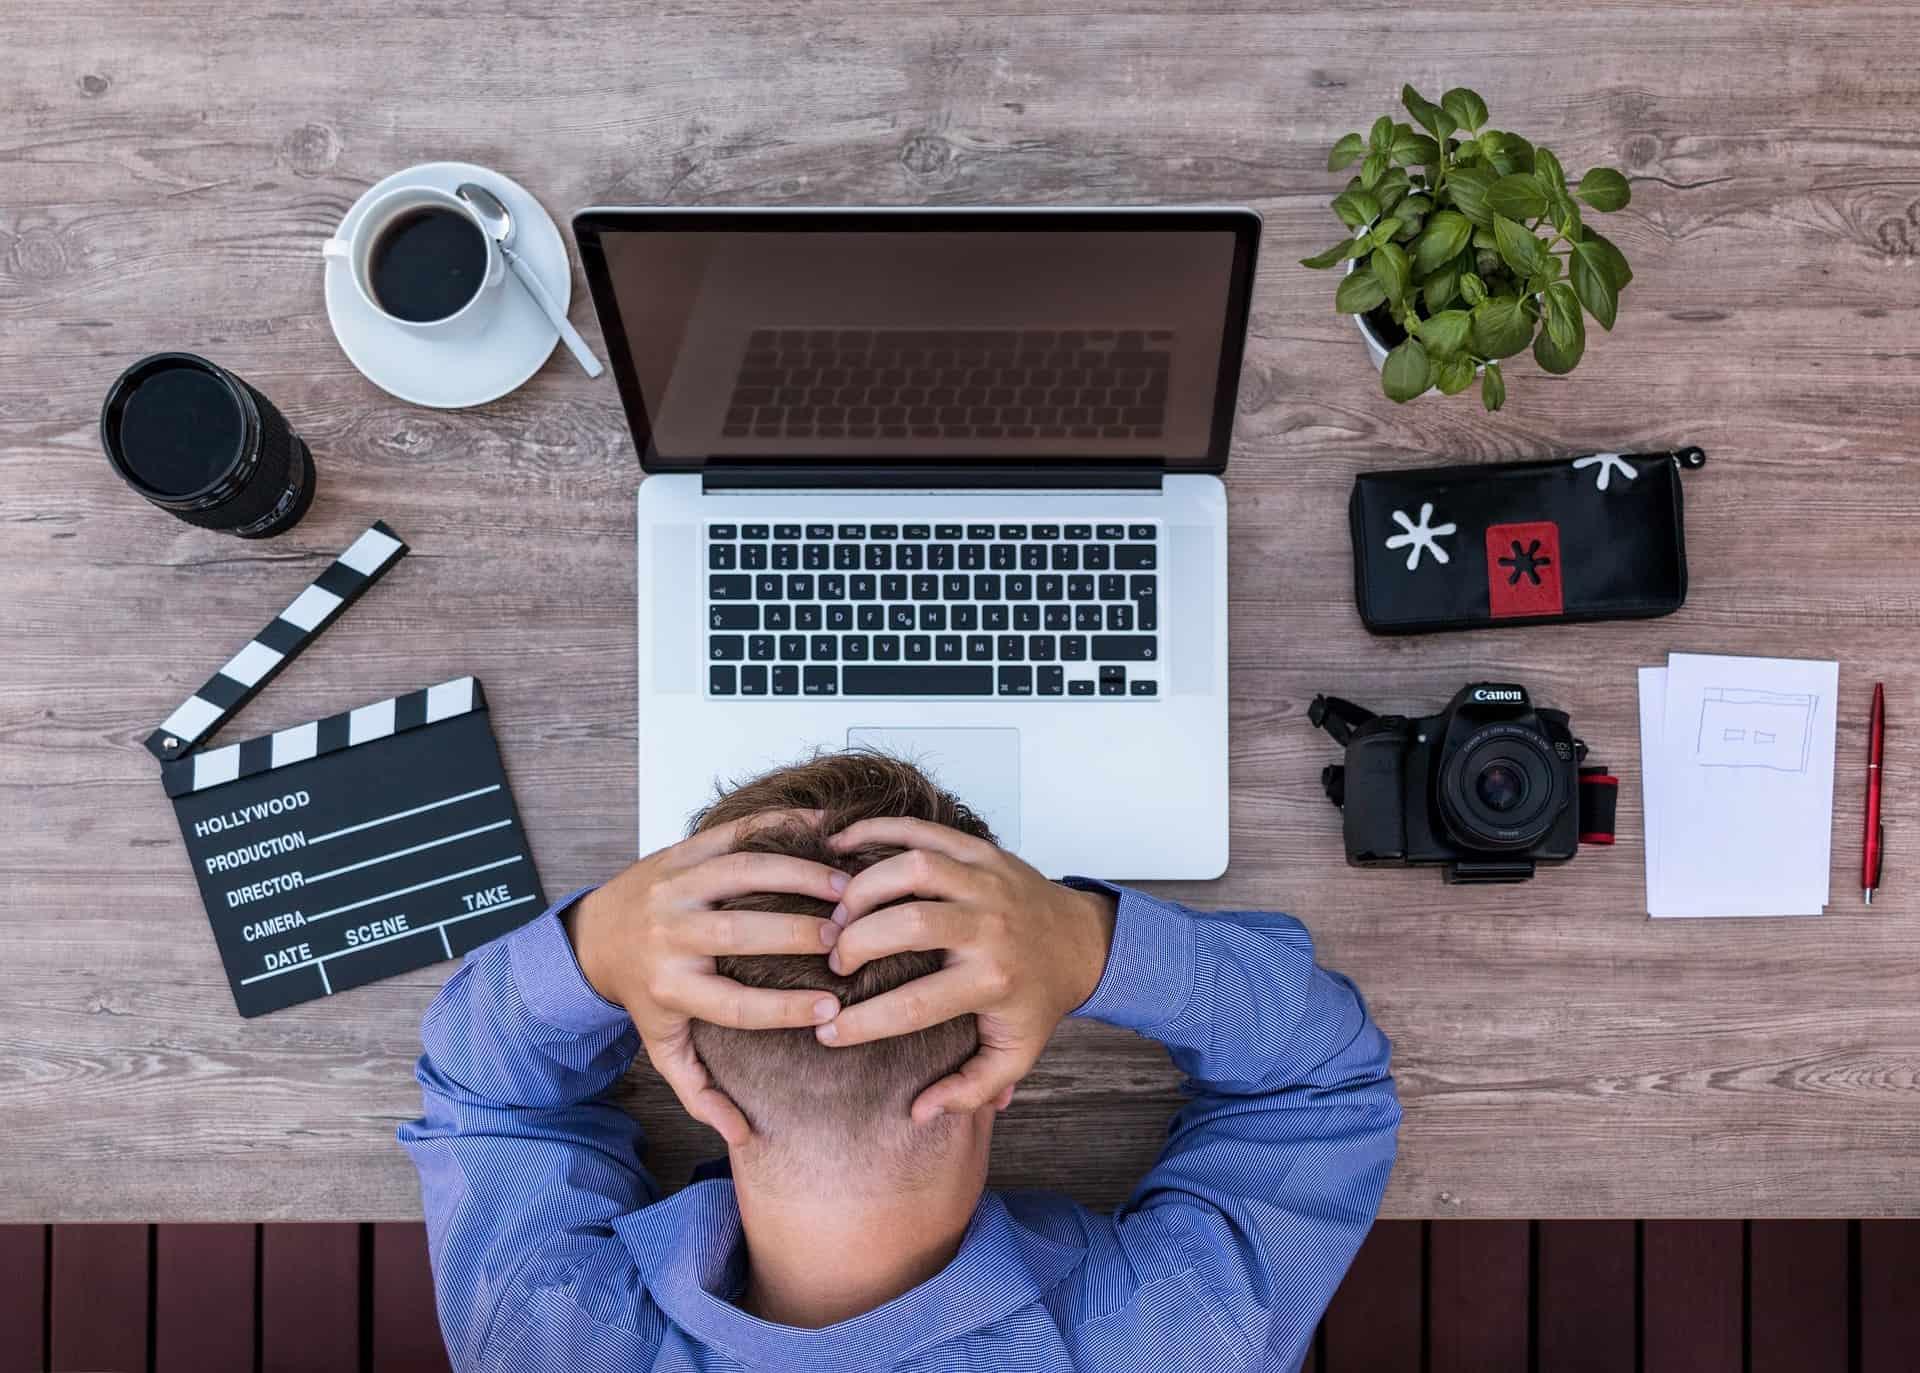 Berufsunfähigkeit durch Burnout